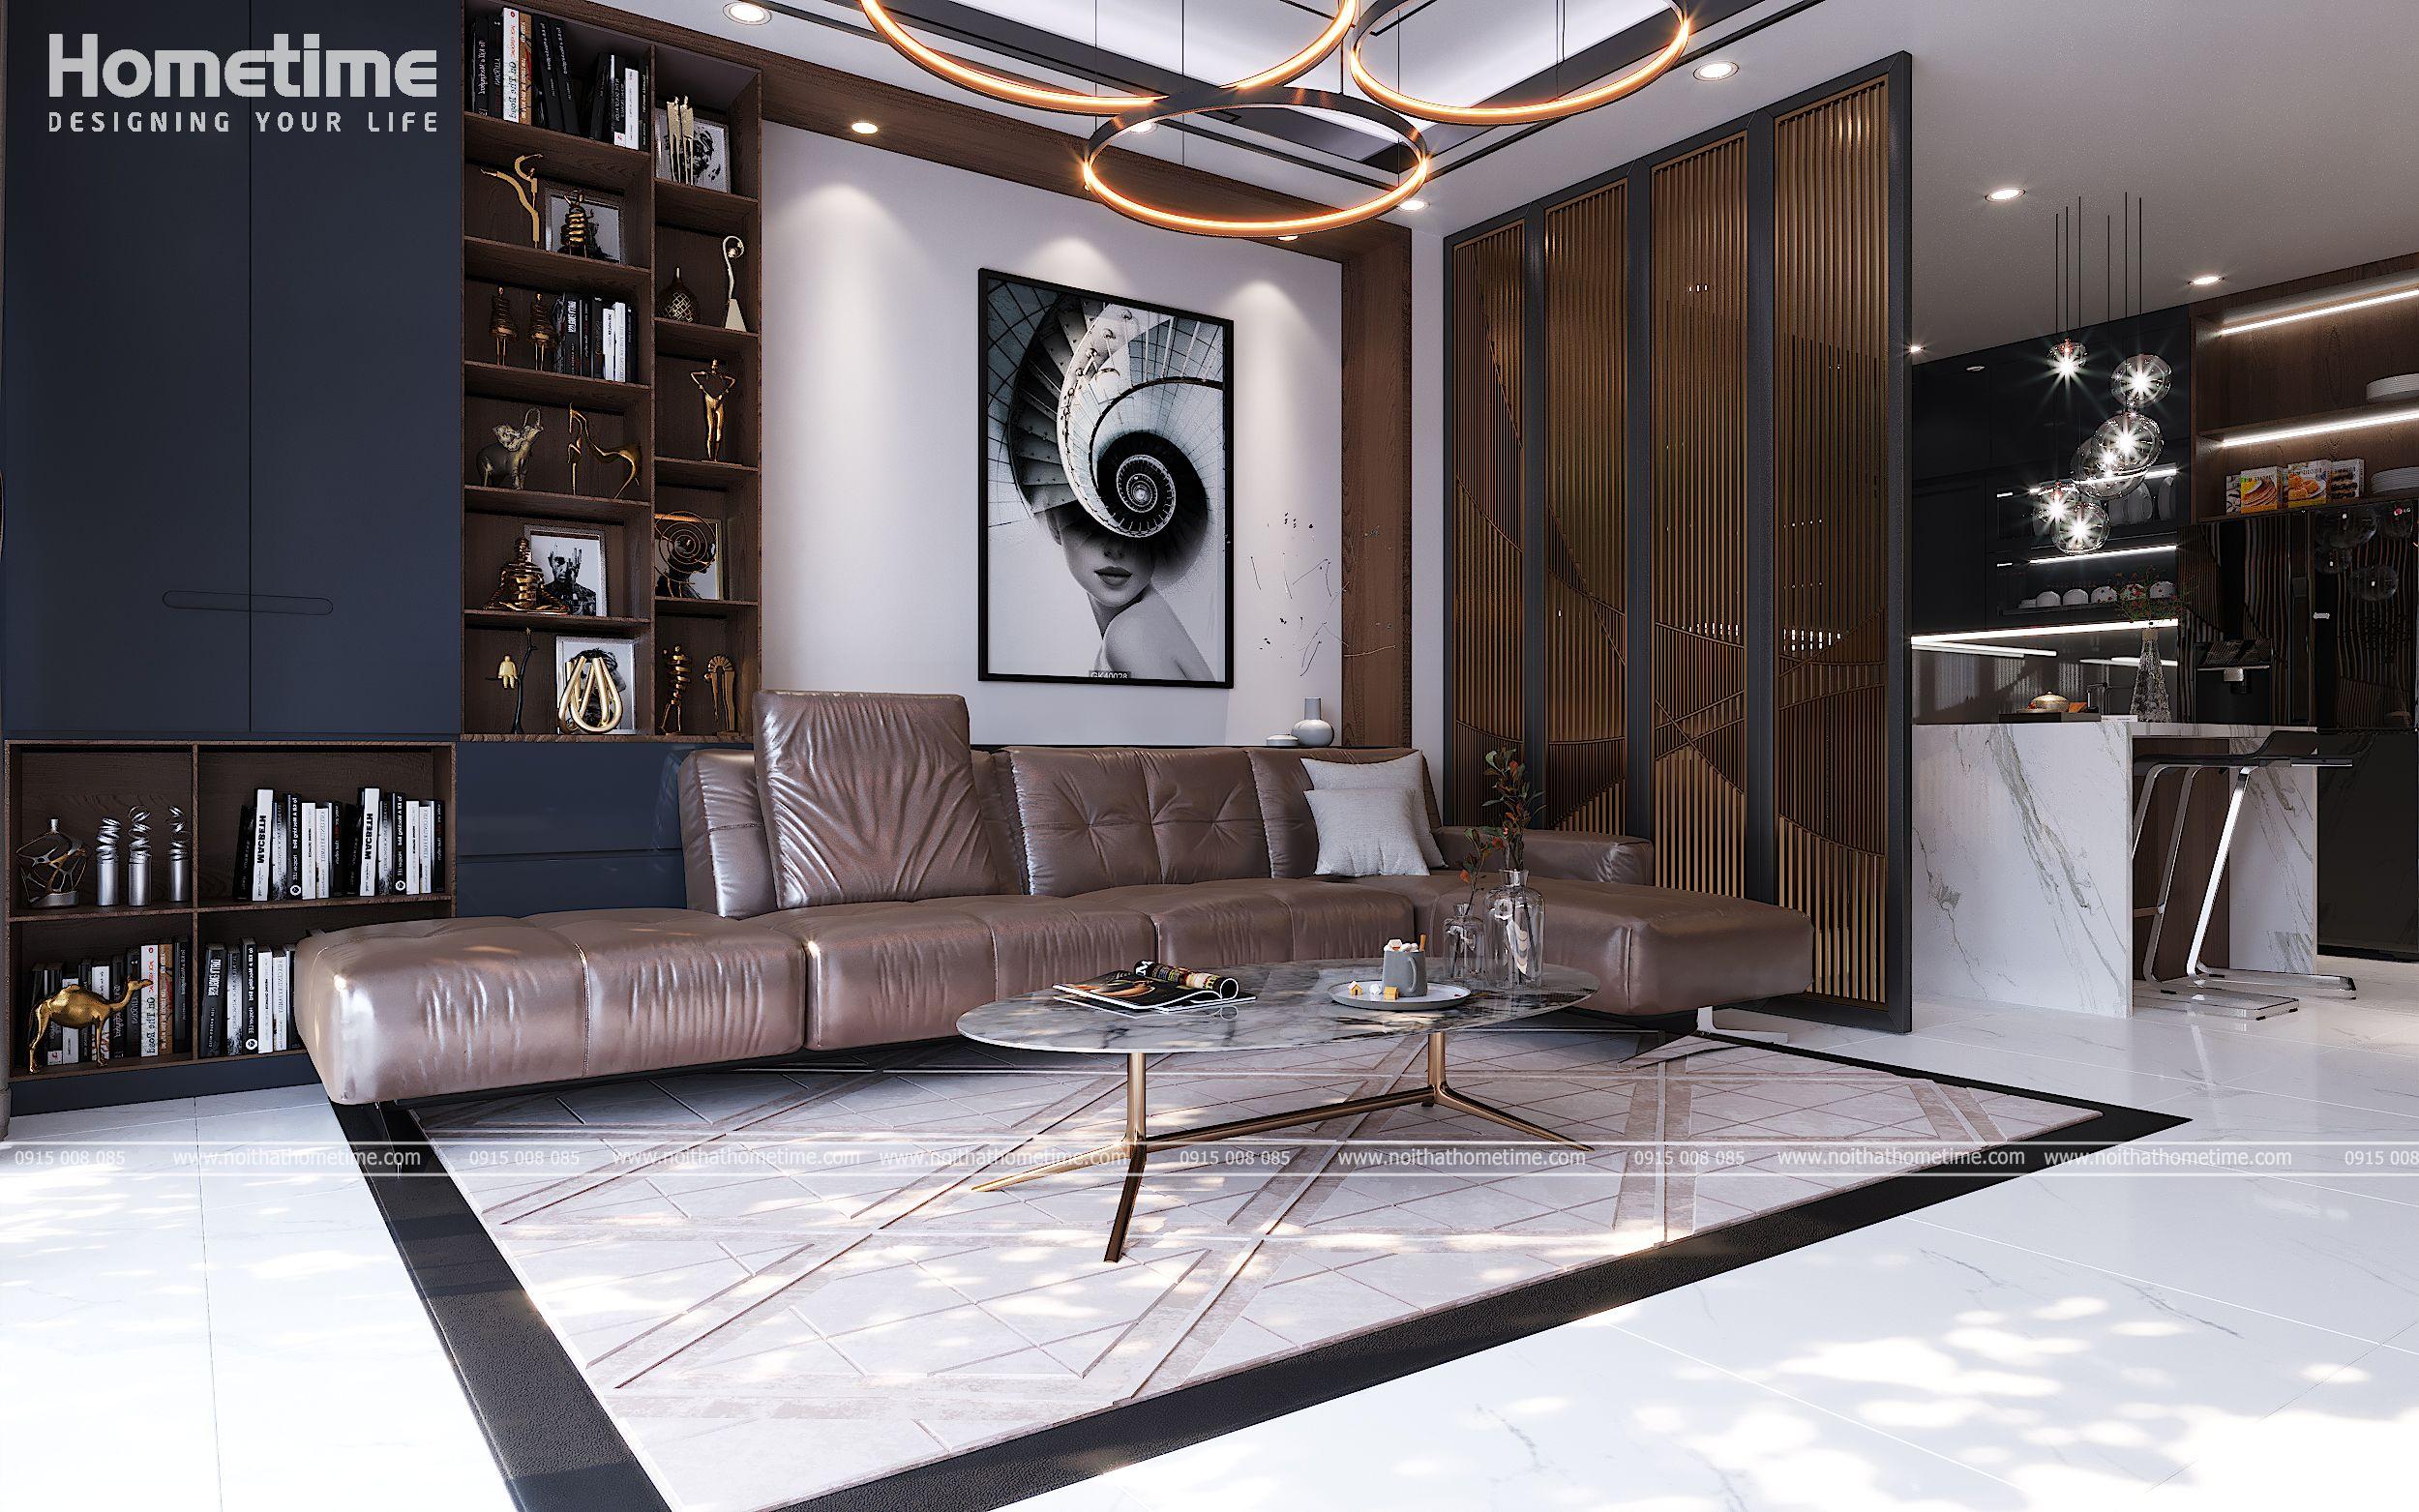 Bức tranh decor trang trí giúp phòng khách thêm sinh động